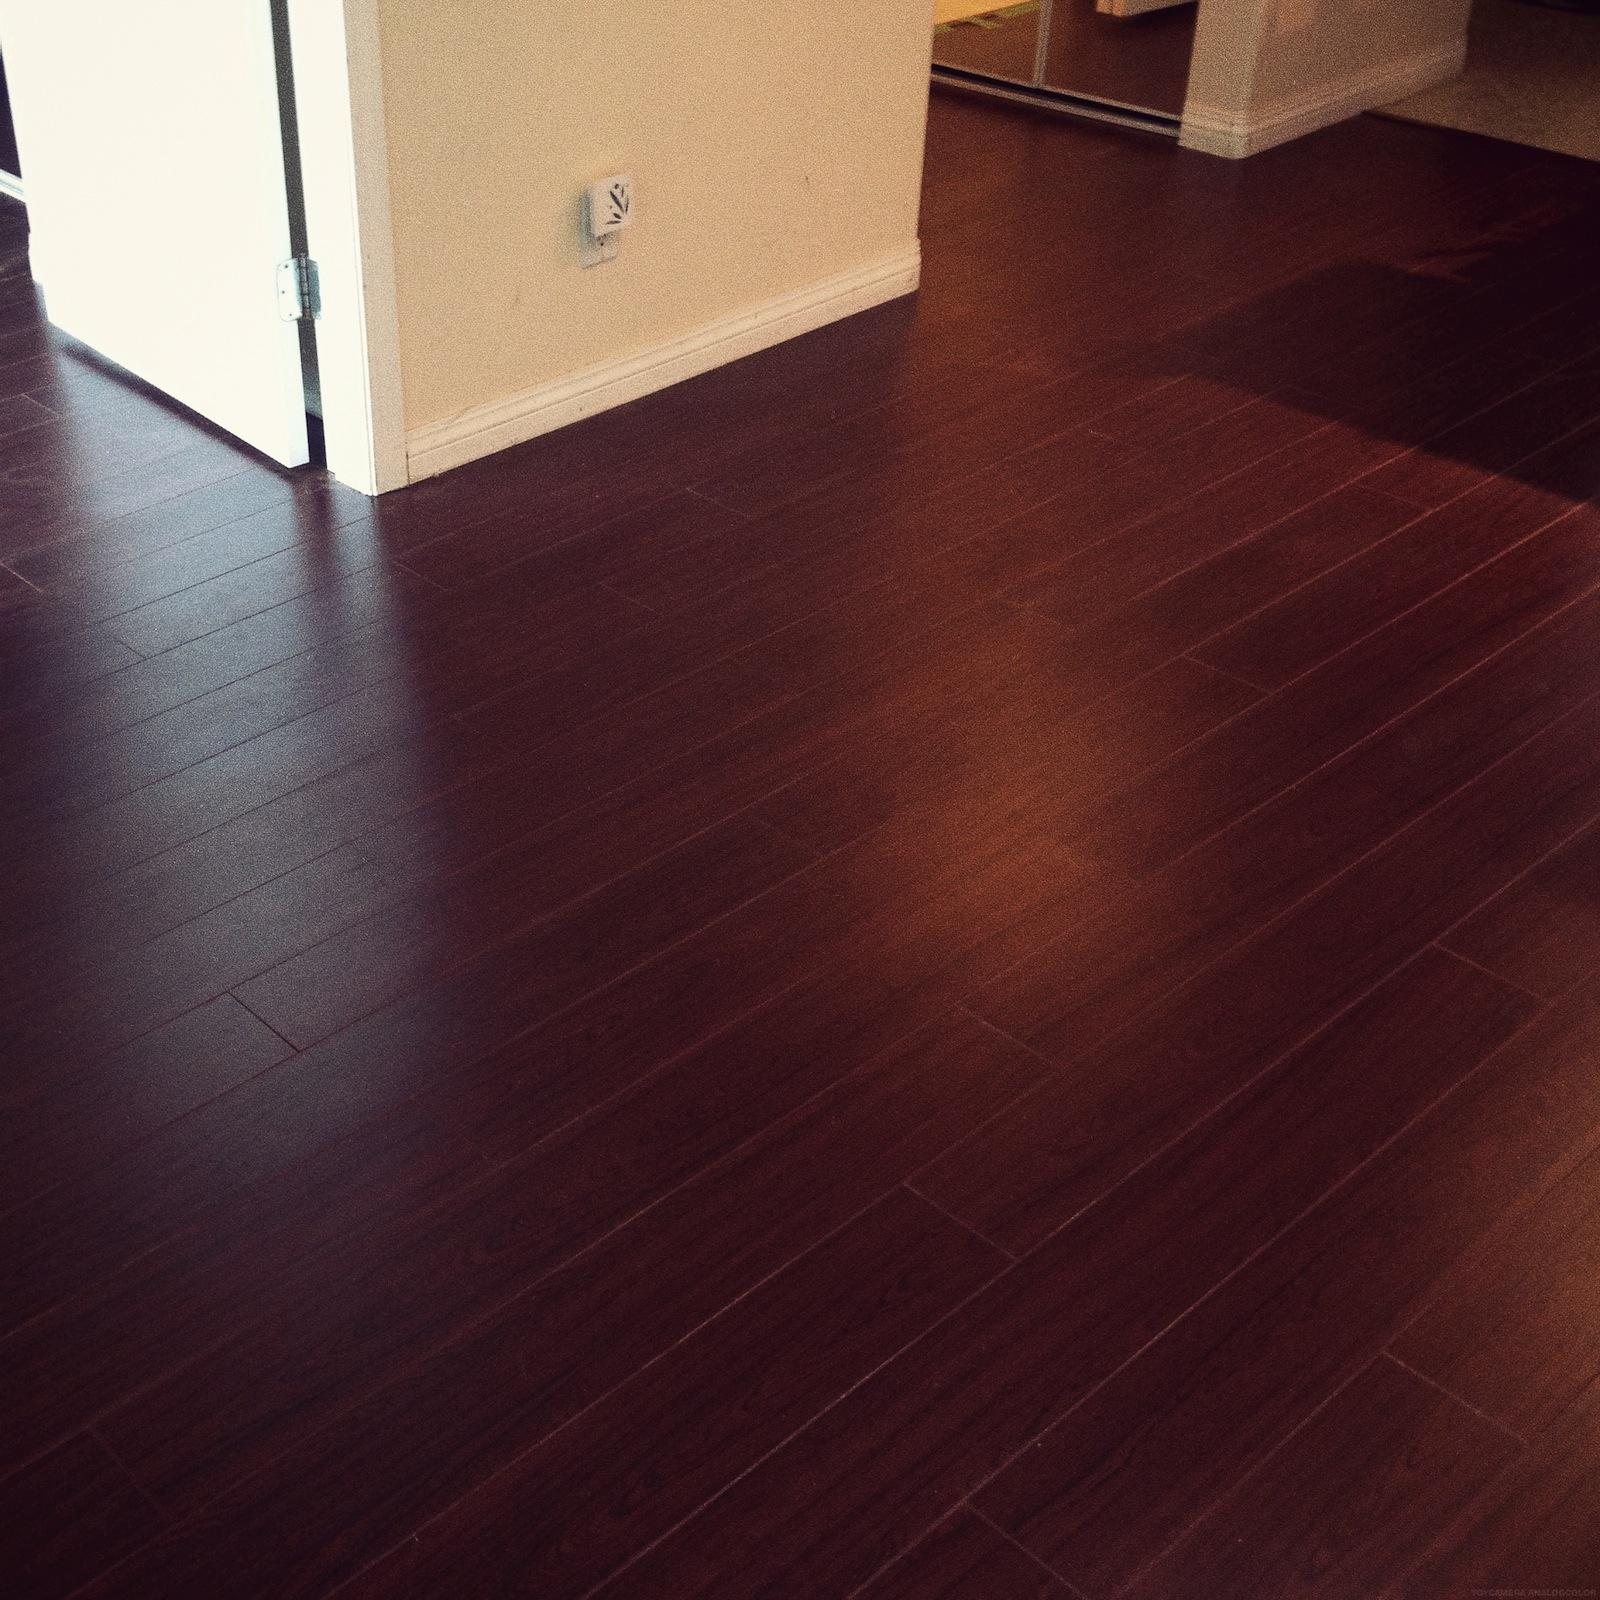 Cherry laminate flooring cherry wood laminate flooring laplounge wood laminate flooring - mountain  cherry ULFARFR